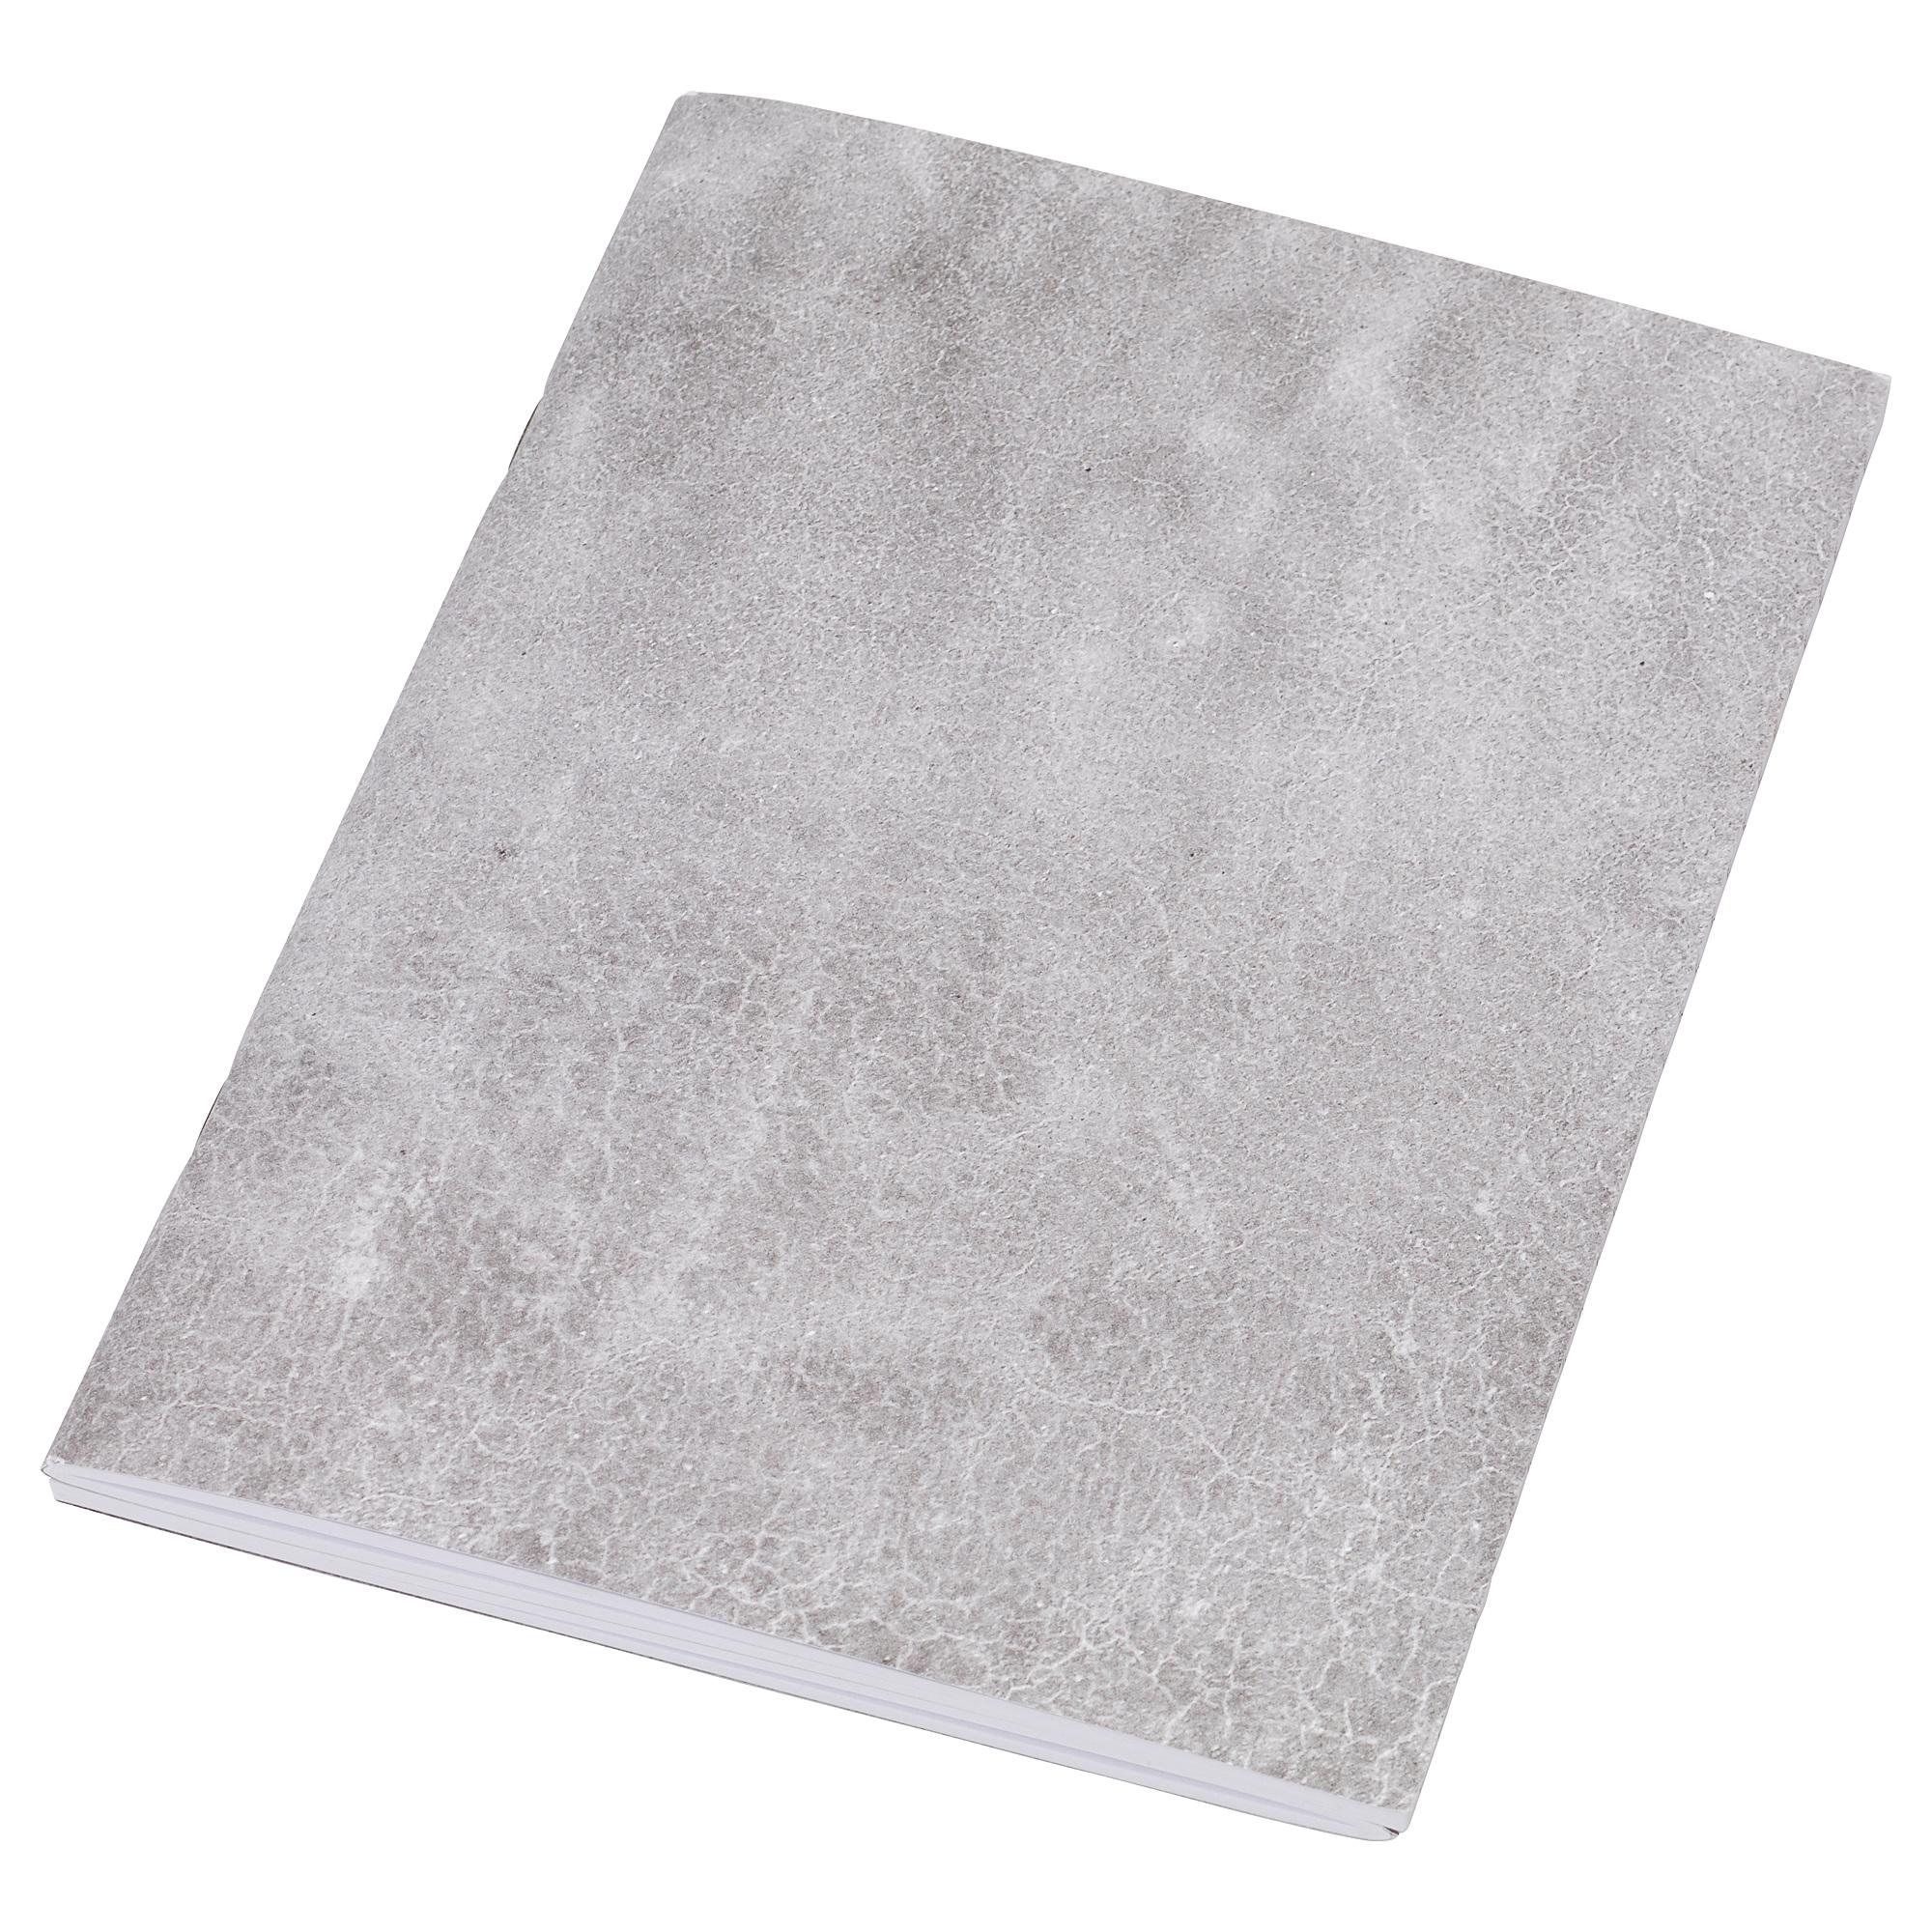 Двусторонний блокнот СПЭНСТ серый/черный артикуль № 604.082.75 в наличии. Онлайн сайт IKEA РБ. Быстрая доставка и соборка.